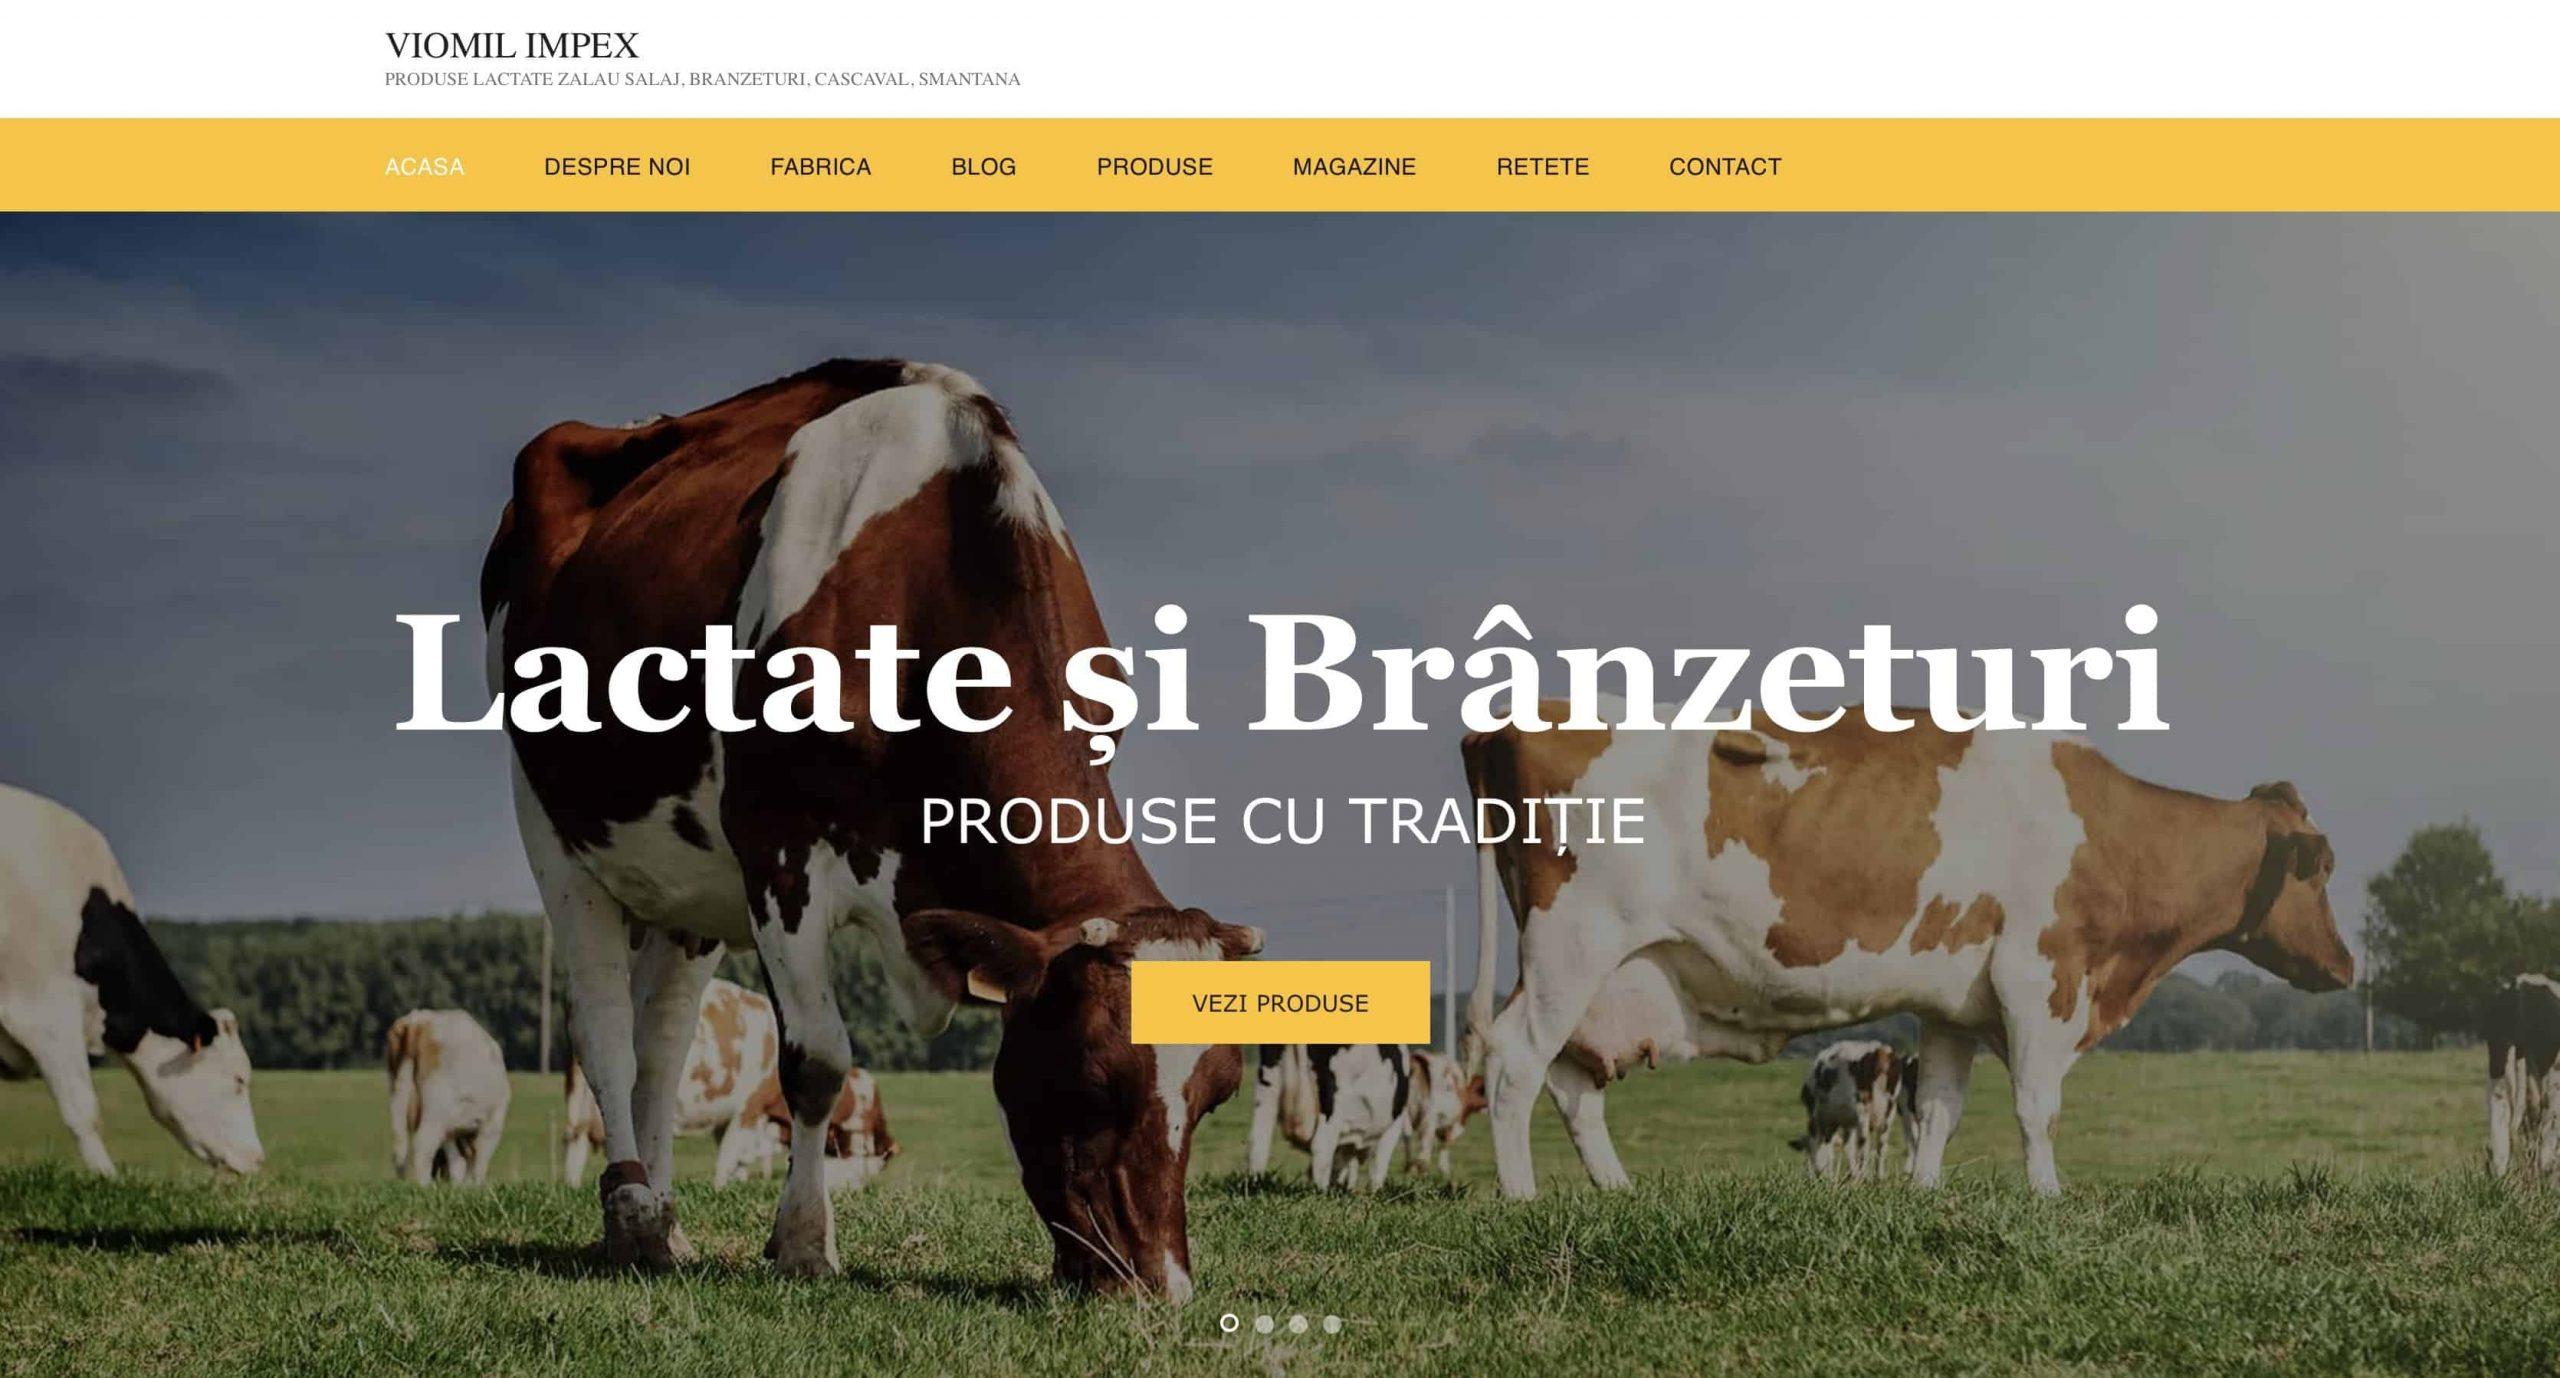 CleanPC Zalau Viomil-scaled Web Design